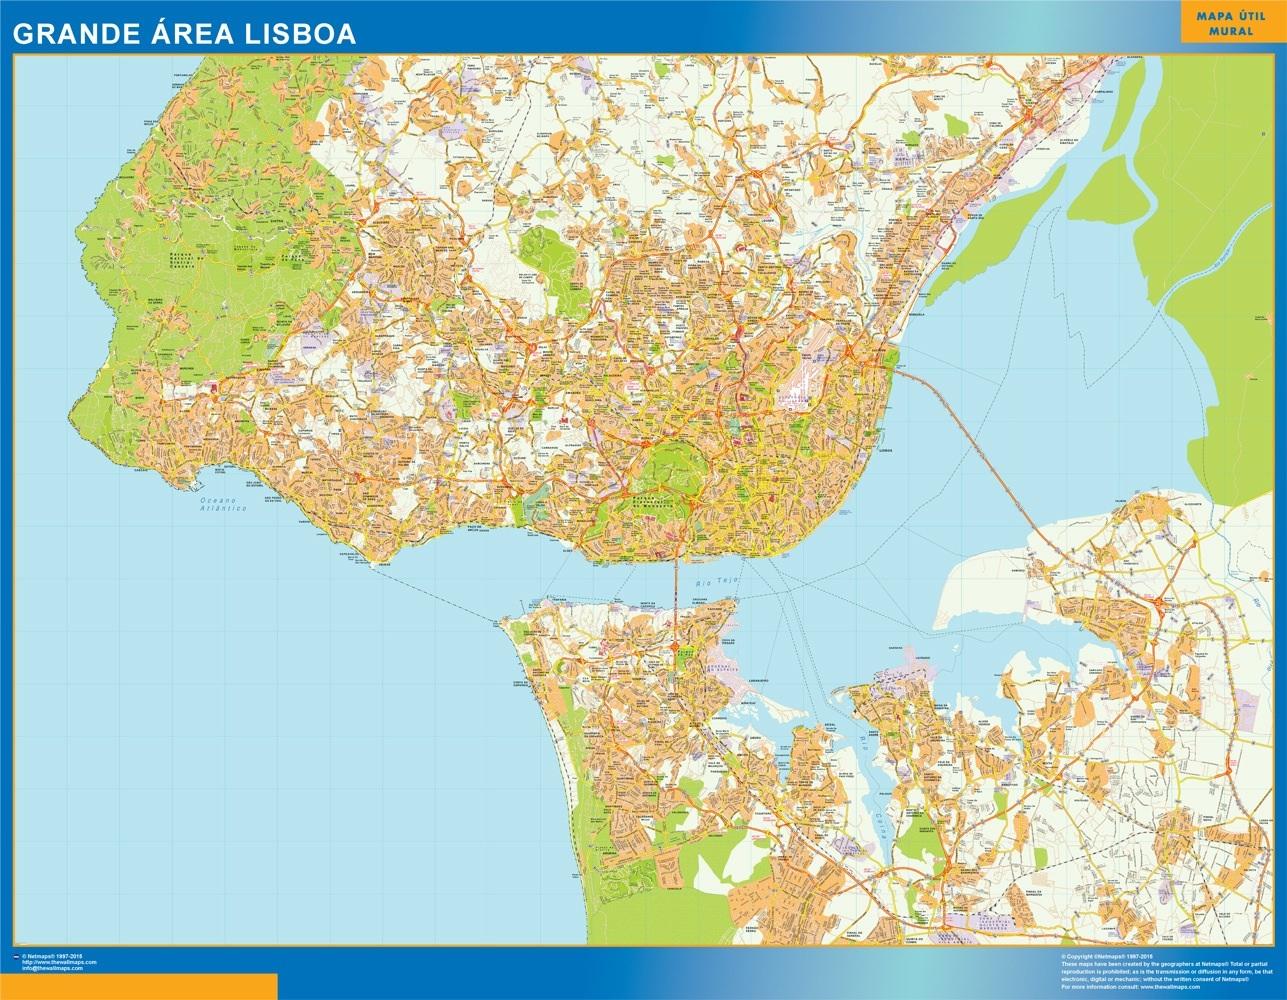 Mapa Lisboa Grande Area en Portugal plastificado gigante